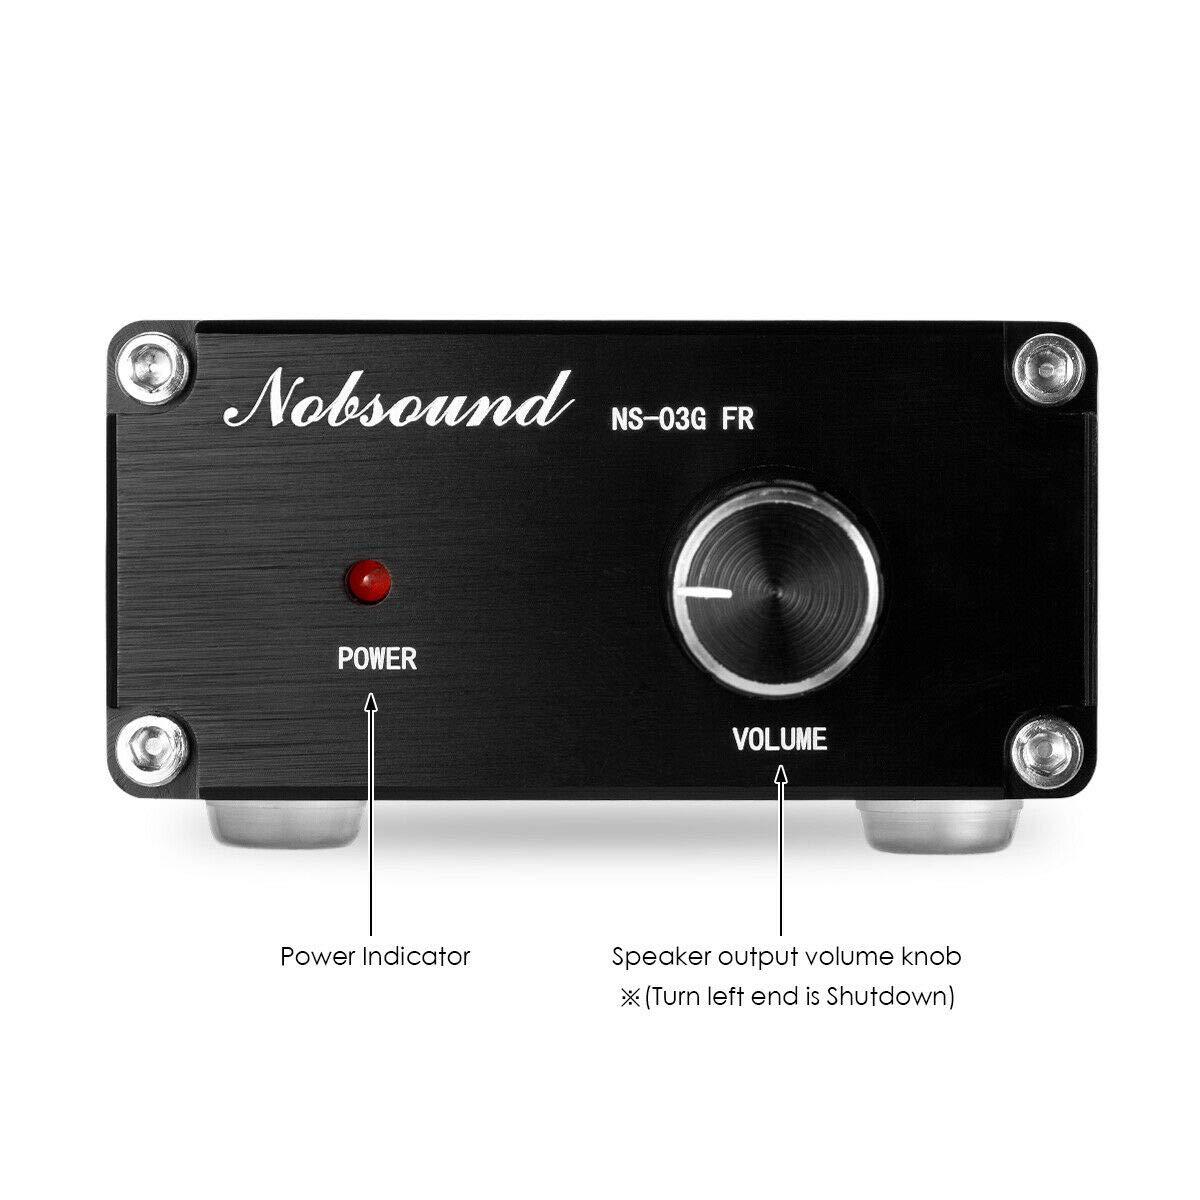 con canale mono a frequenza intera Nobsound 100 W subwoofer mini amplificatore audio